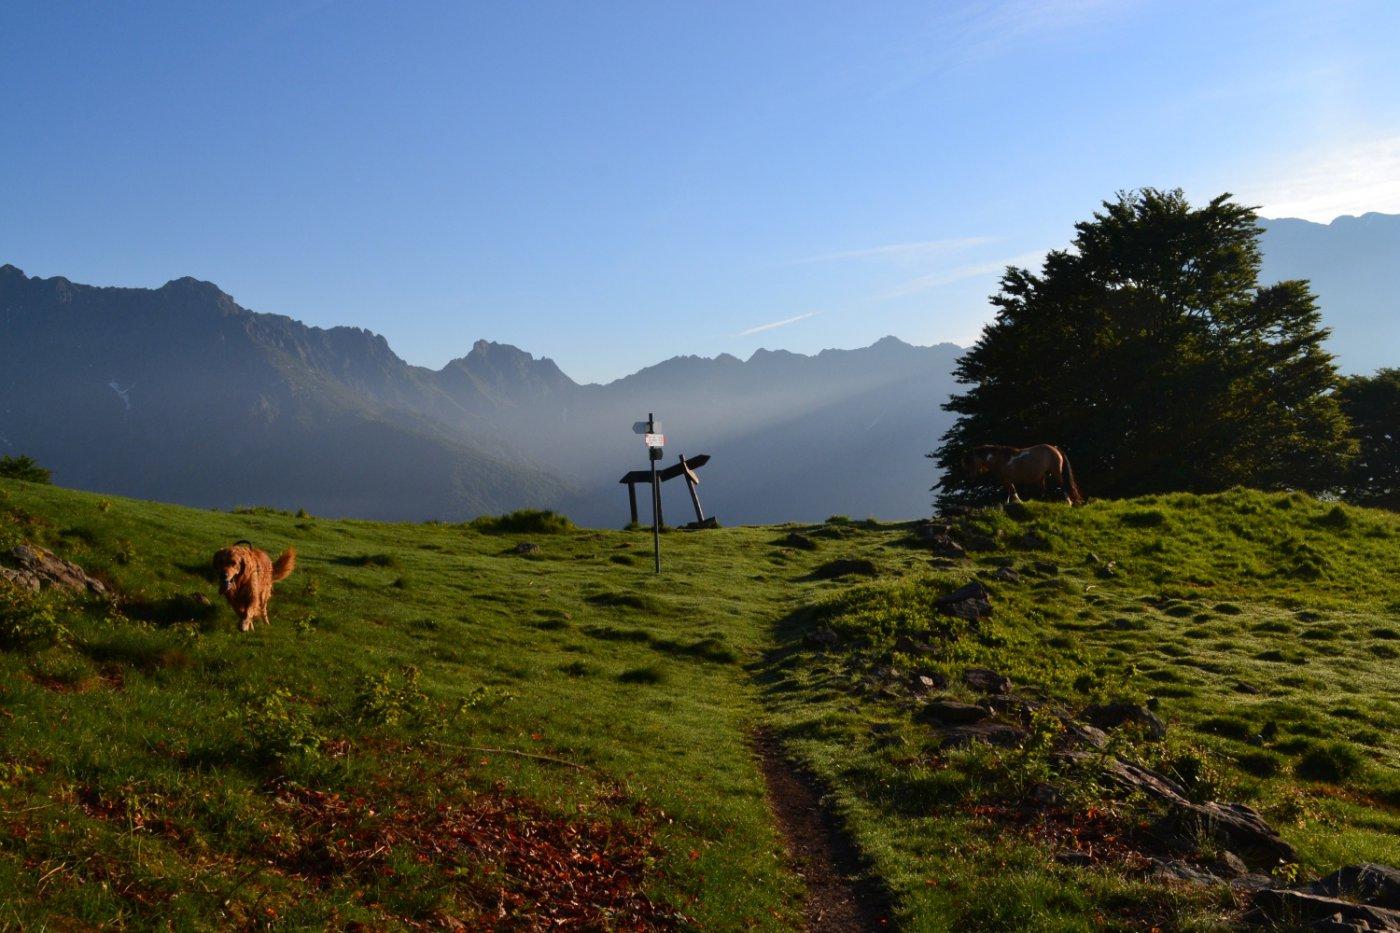 bivio all'Alpe Leciuri da prendere a sinistra per la Cima Sasso